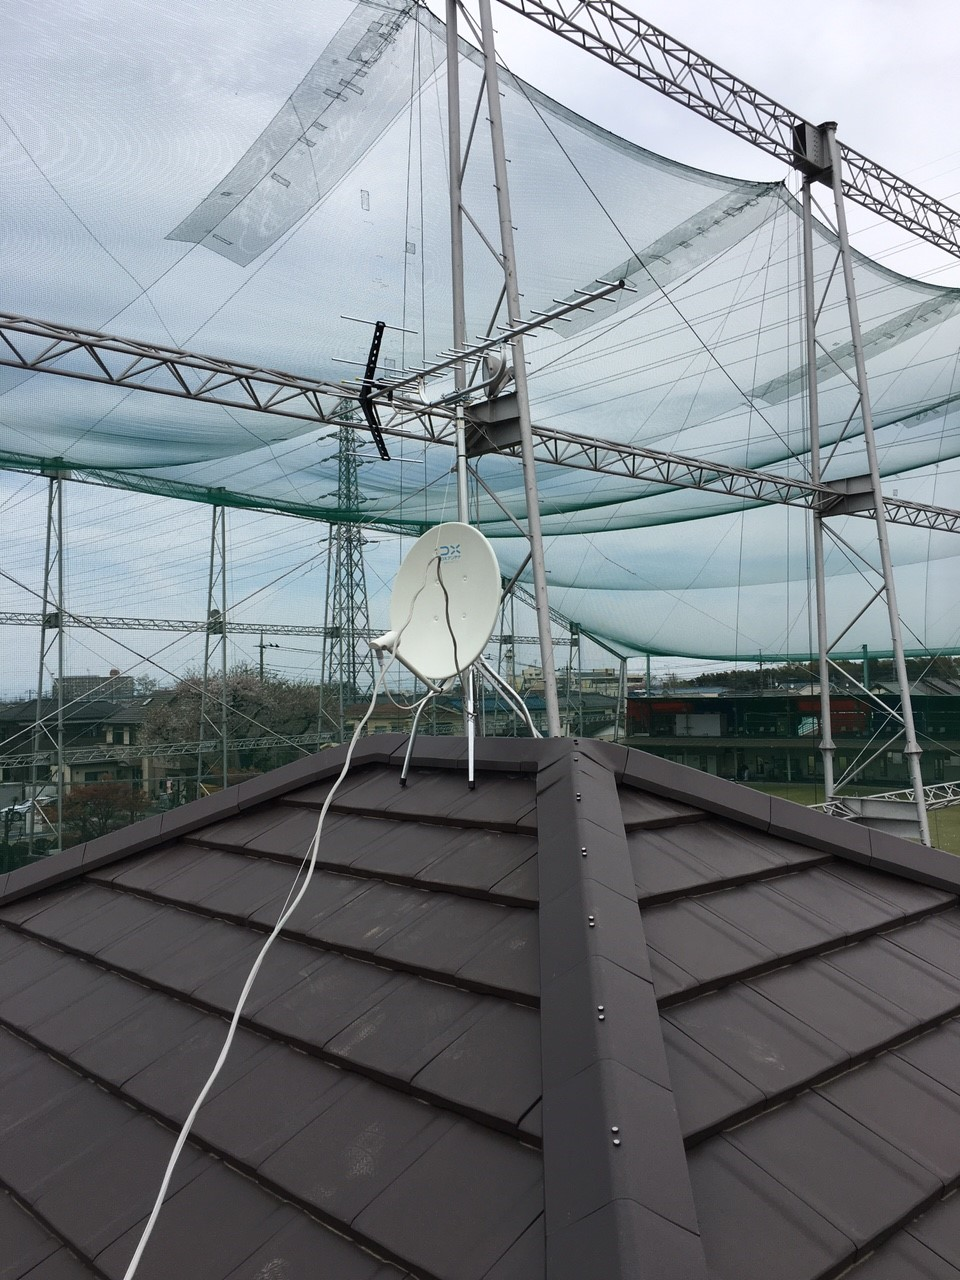 埼玉県北本市の八木式アンテナ、BS・CSアンテナ工事事例